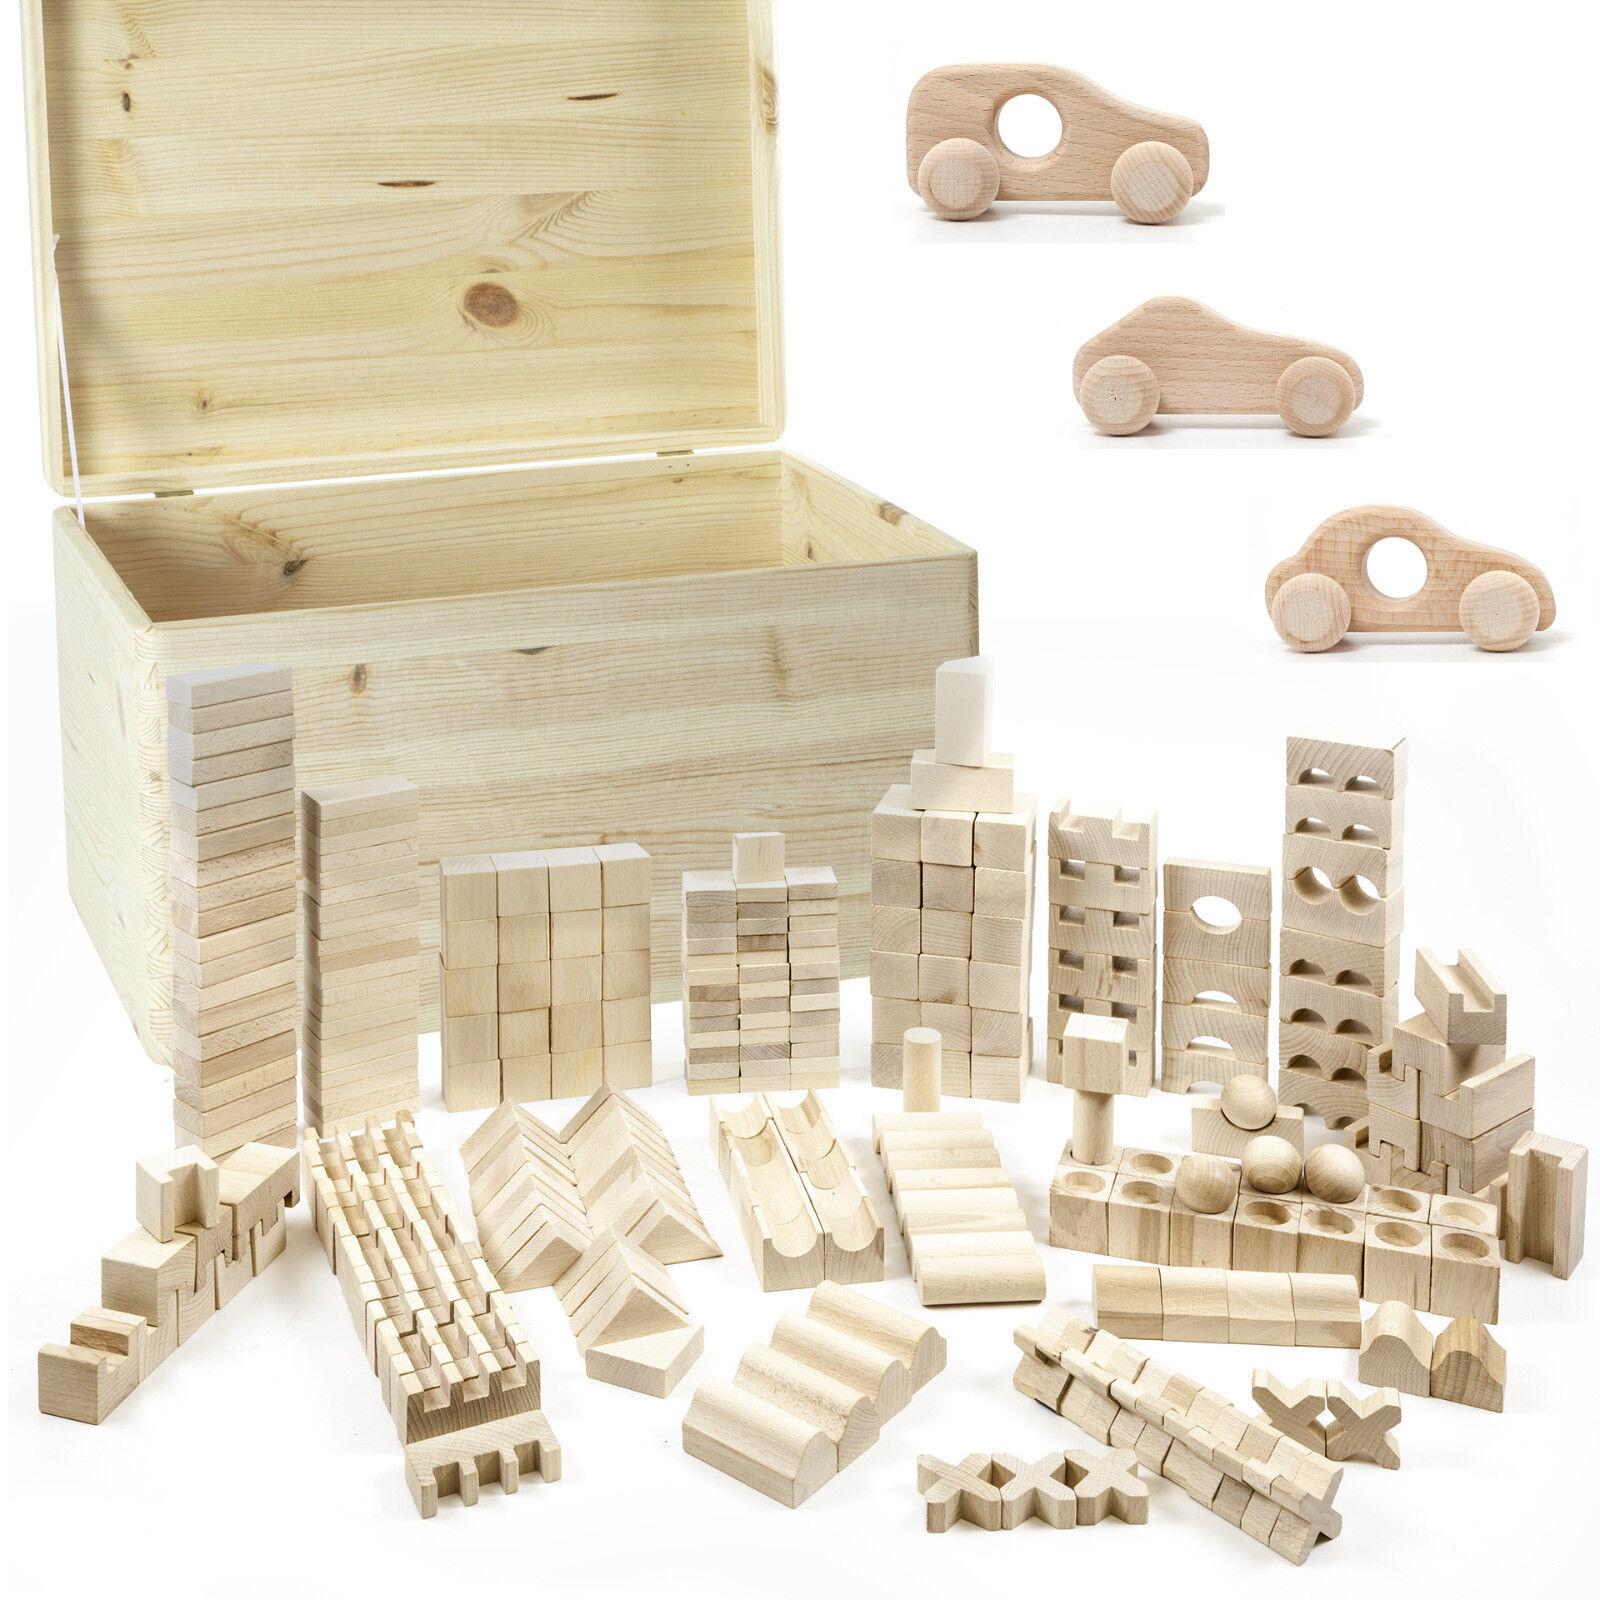 Holzspielzeug Grimm´s Großer Kistensatz Pastell Holz Stapelspiel Waldorf Aufbewahrung Kisten